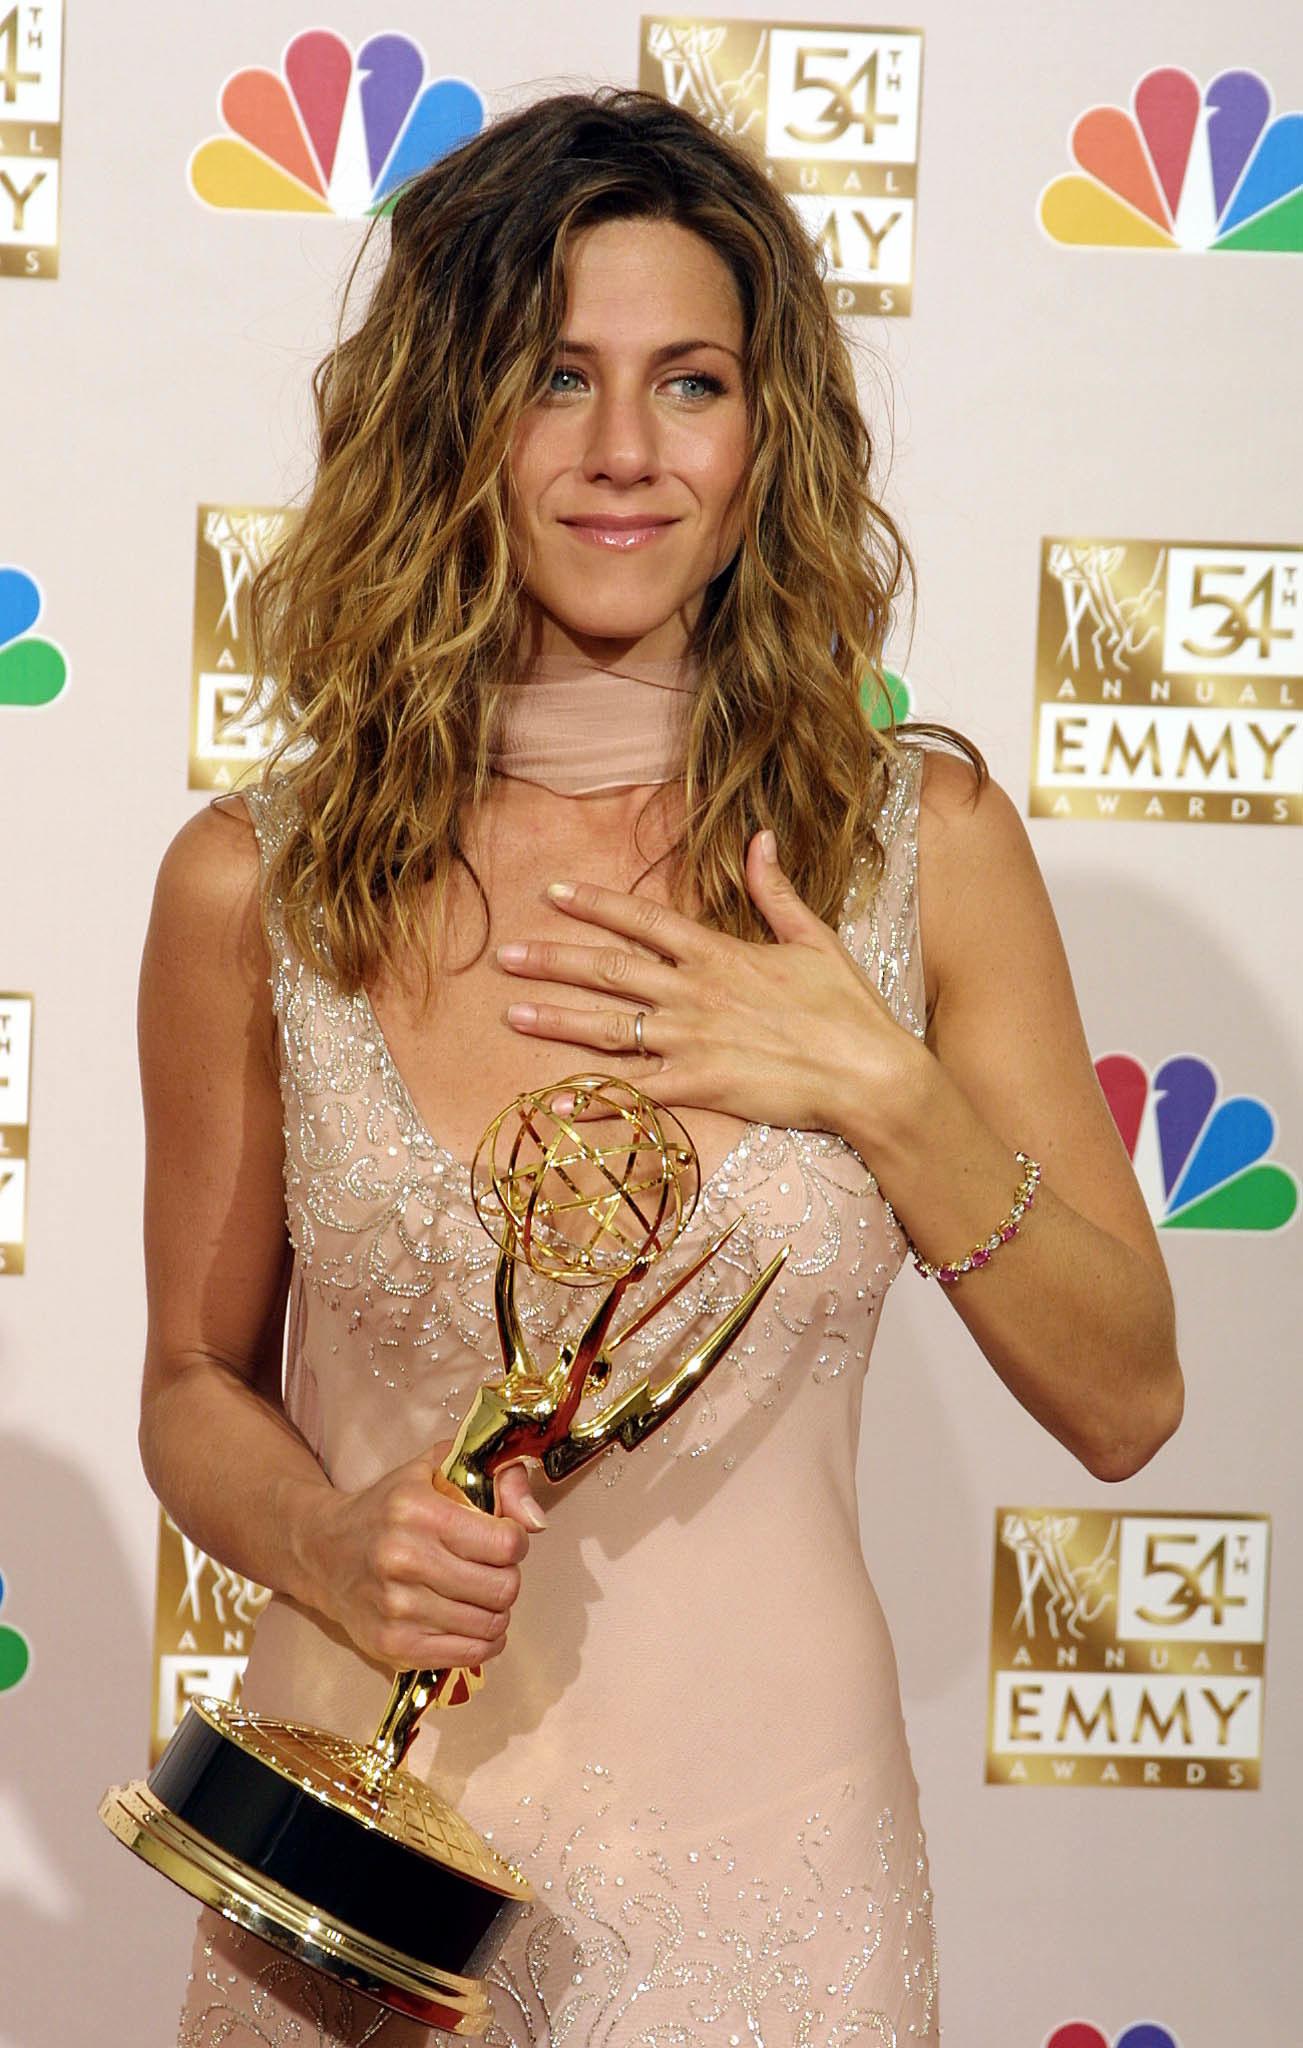 Jen holding an emmy